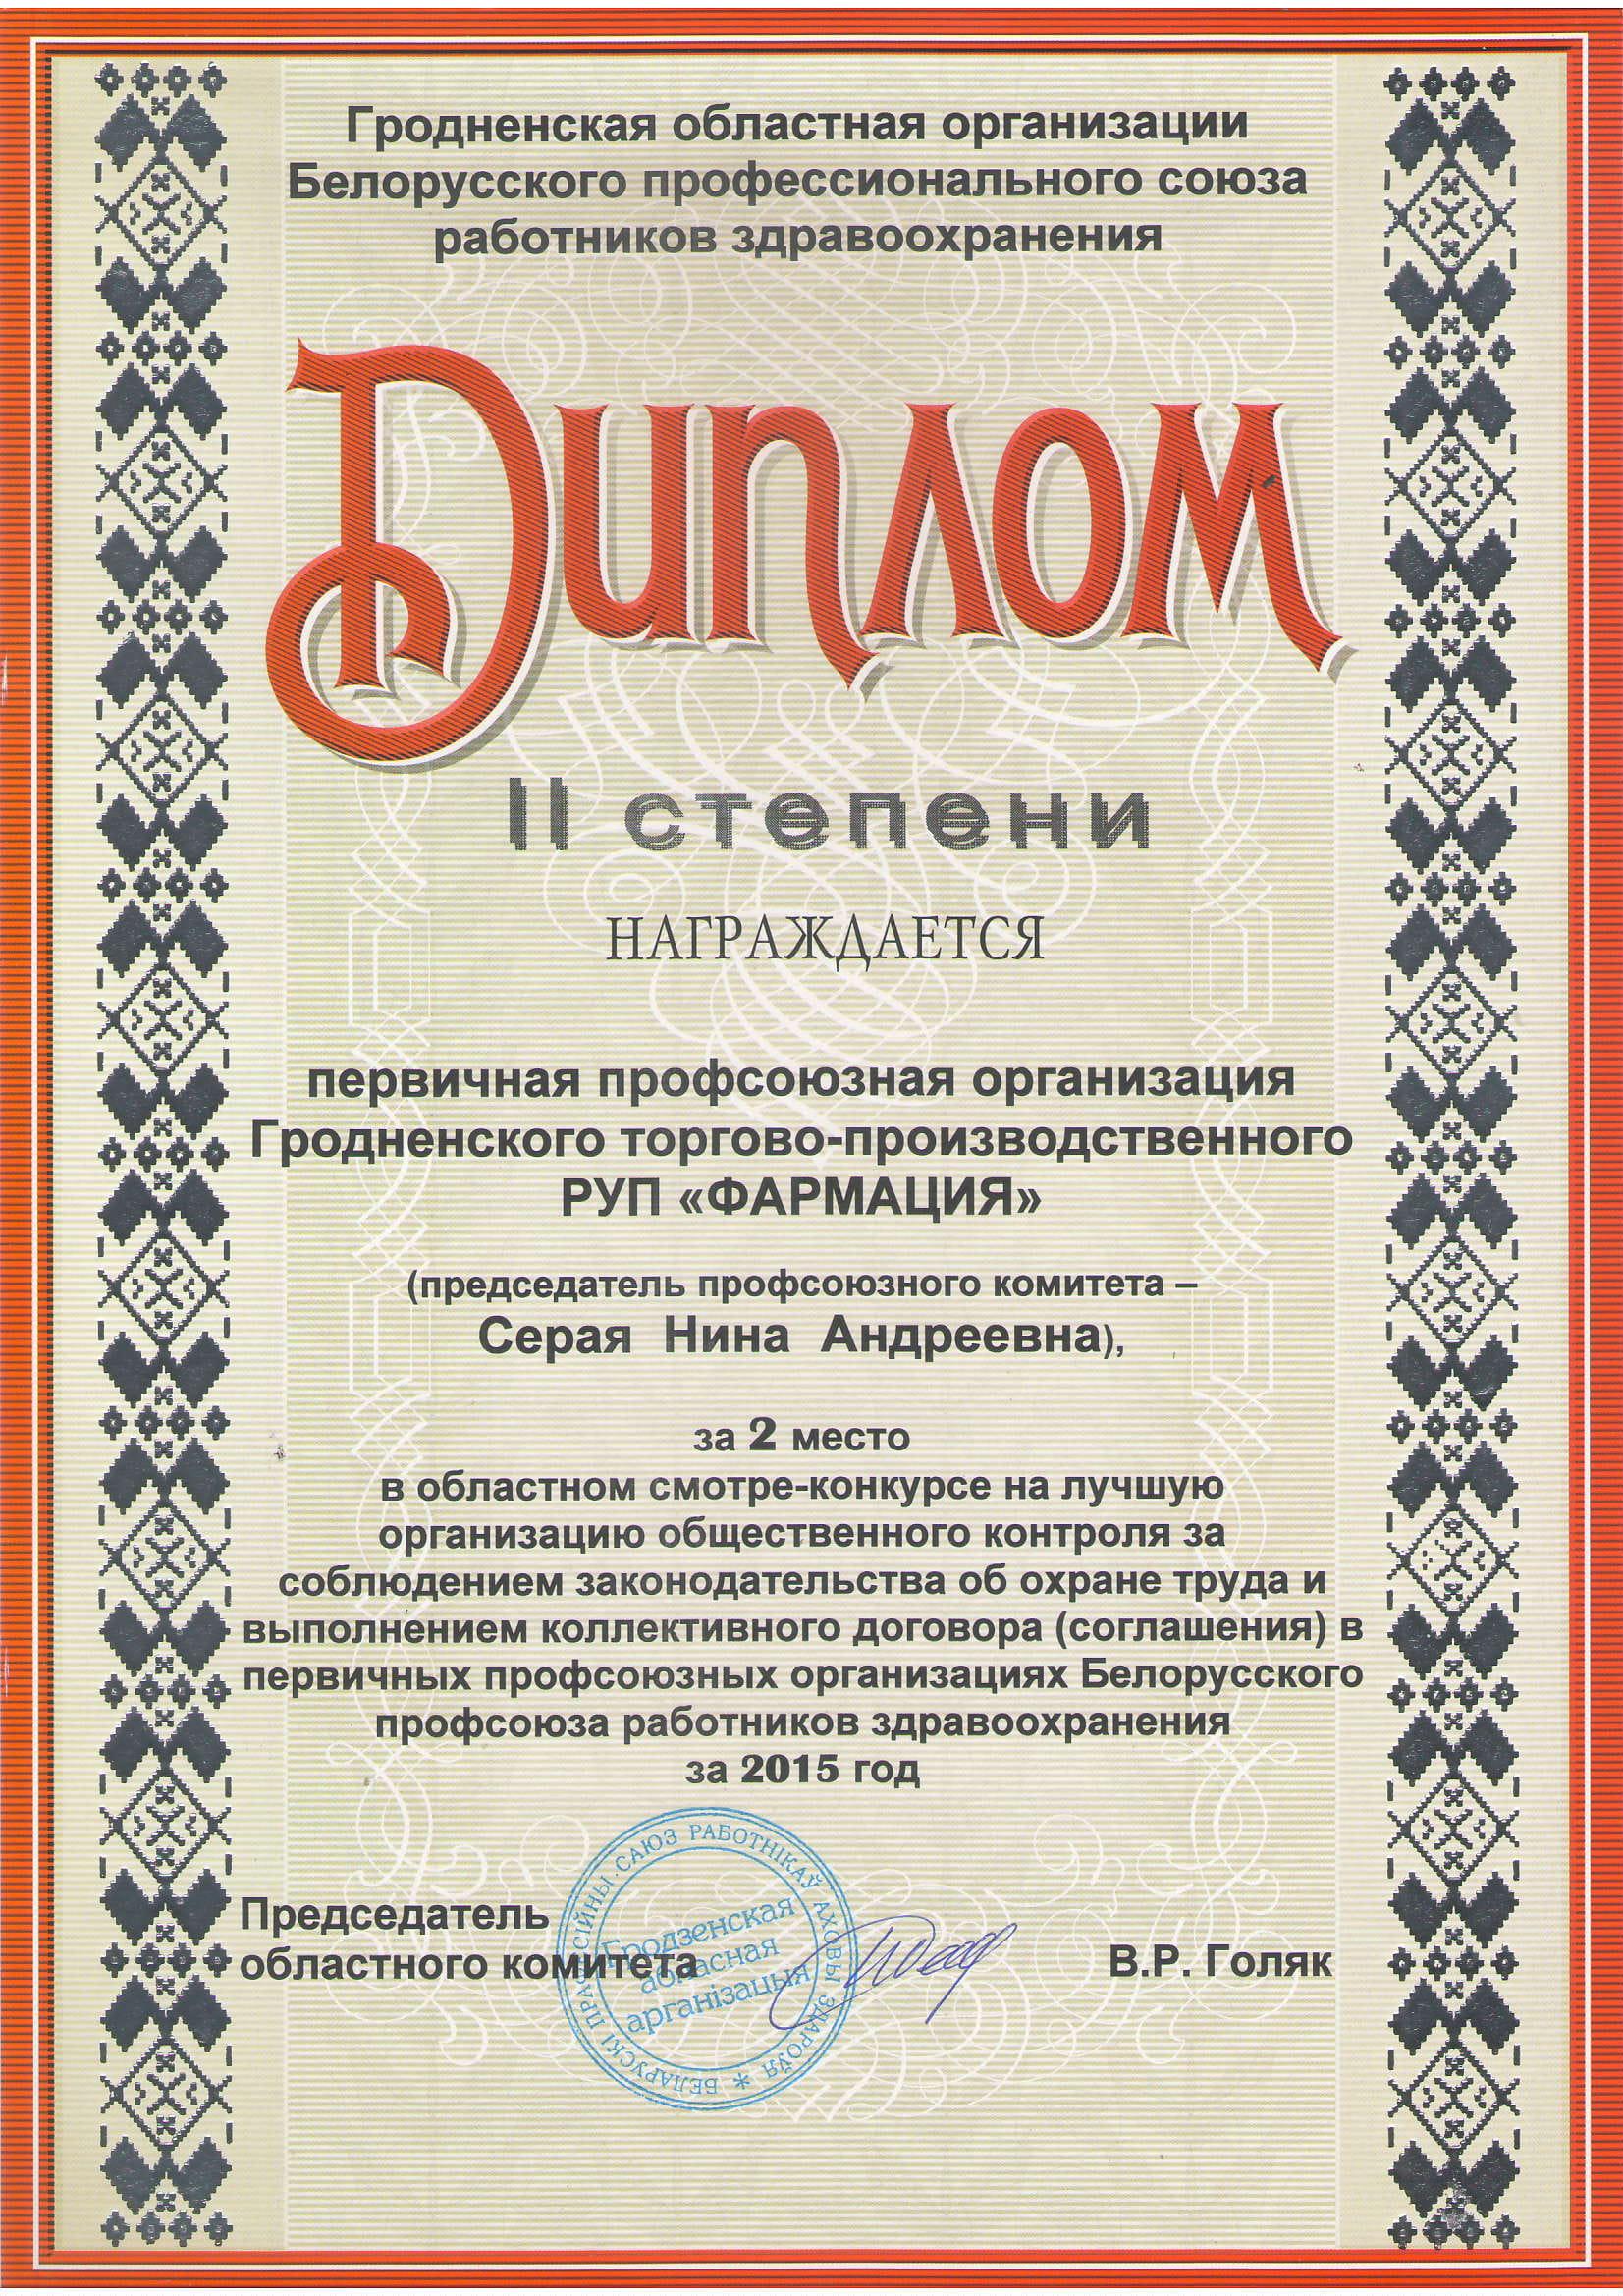 Диплом  обл.ОТ 2 место 2015-1